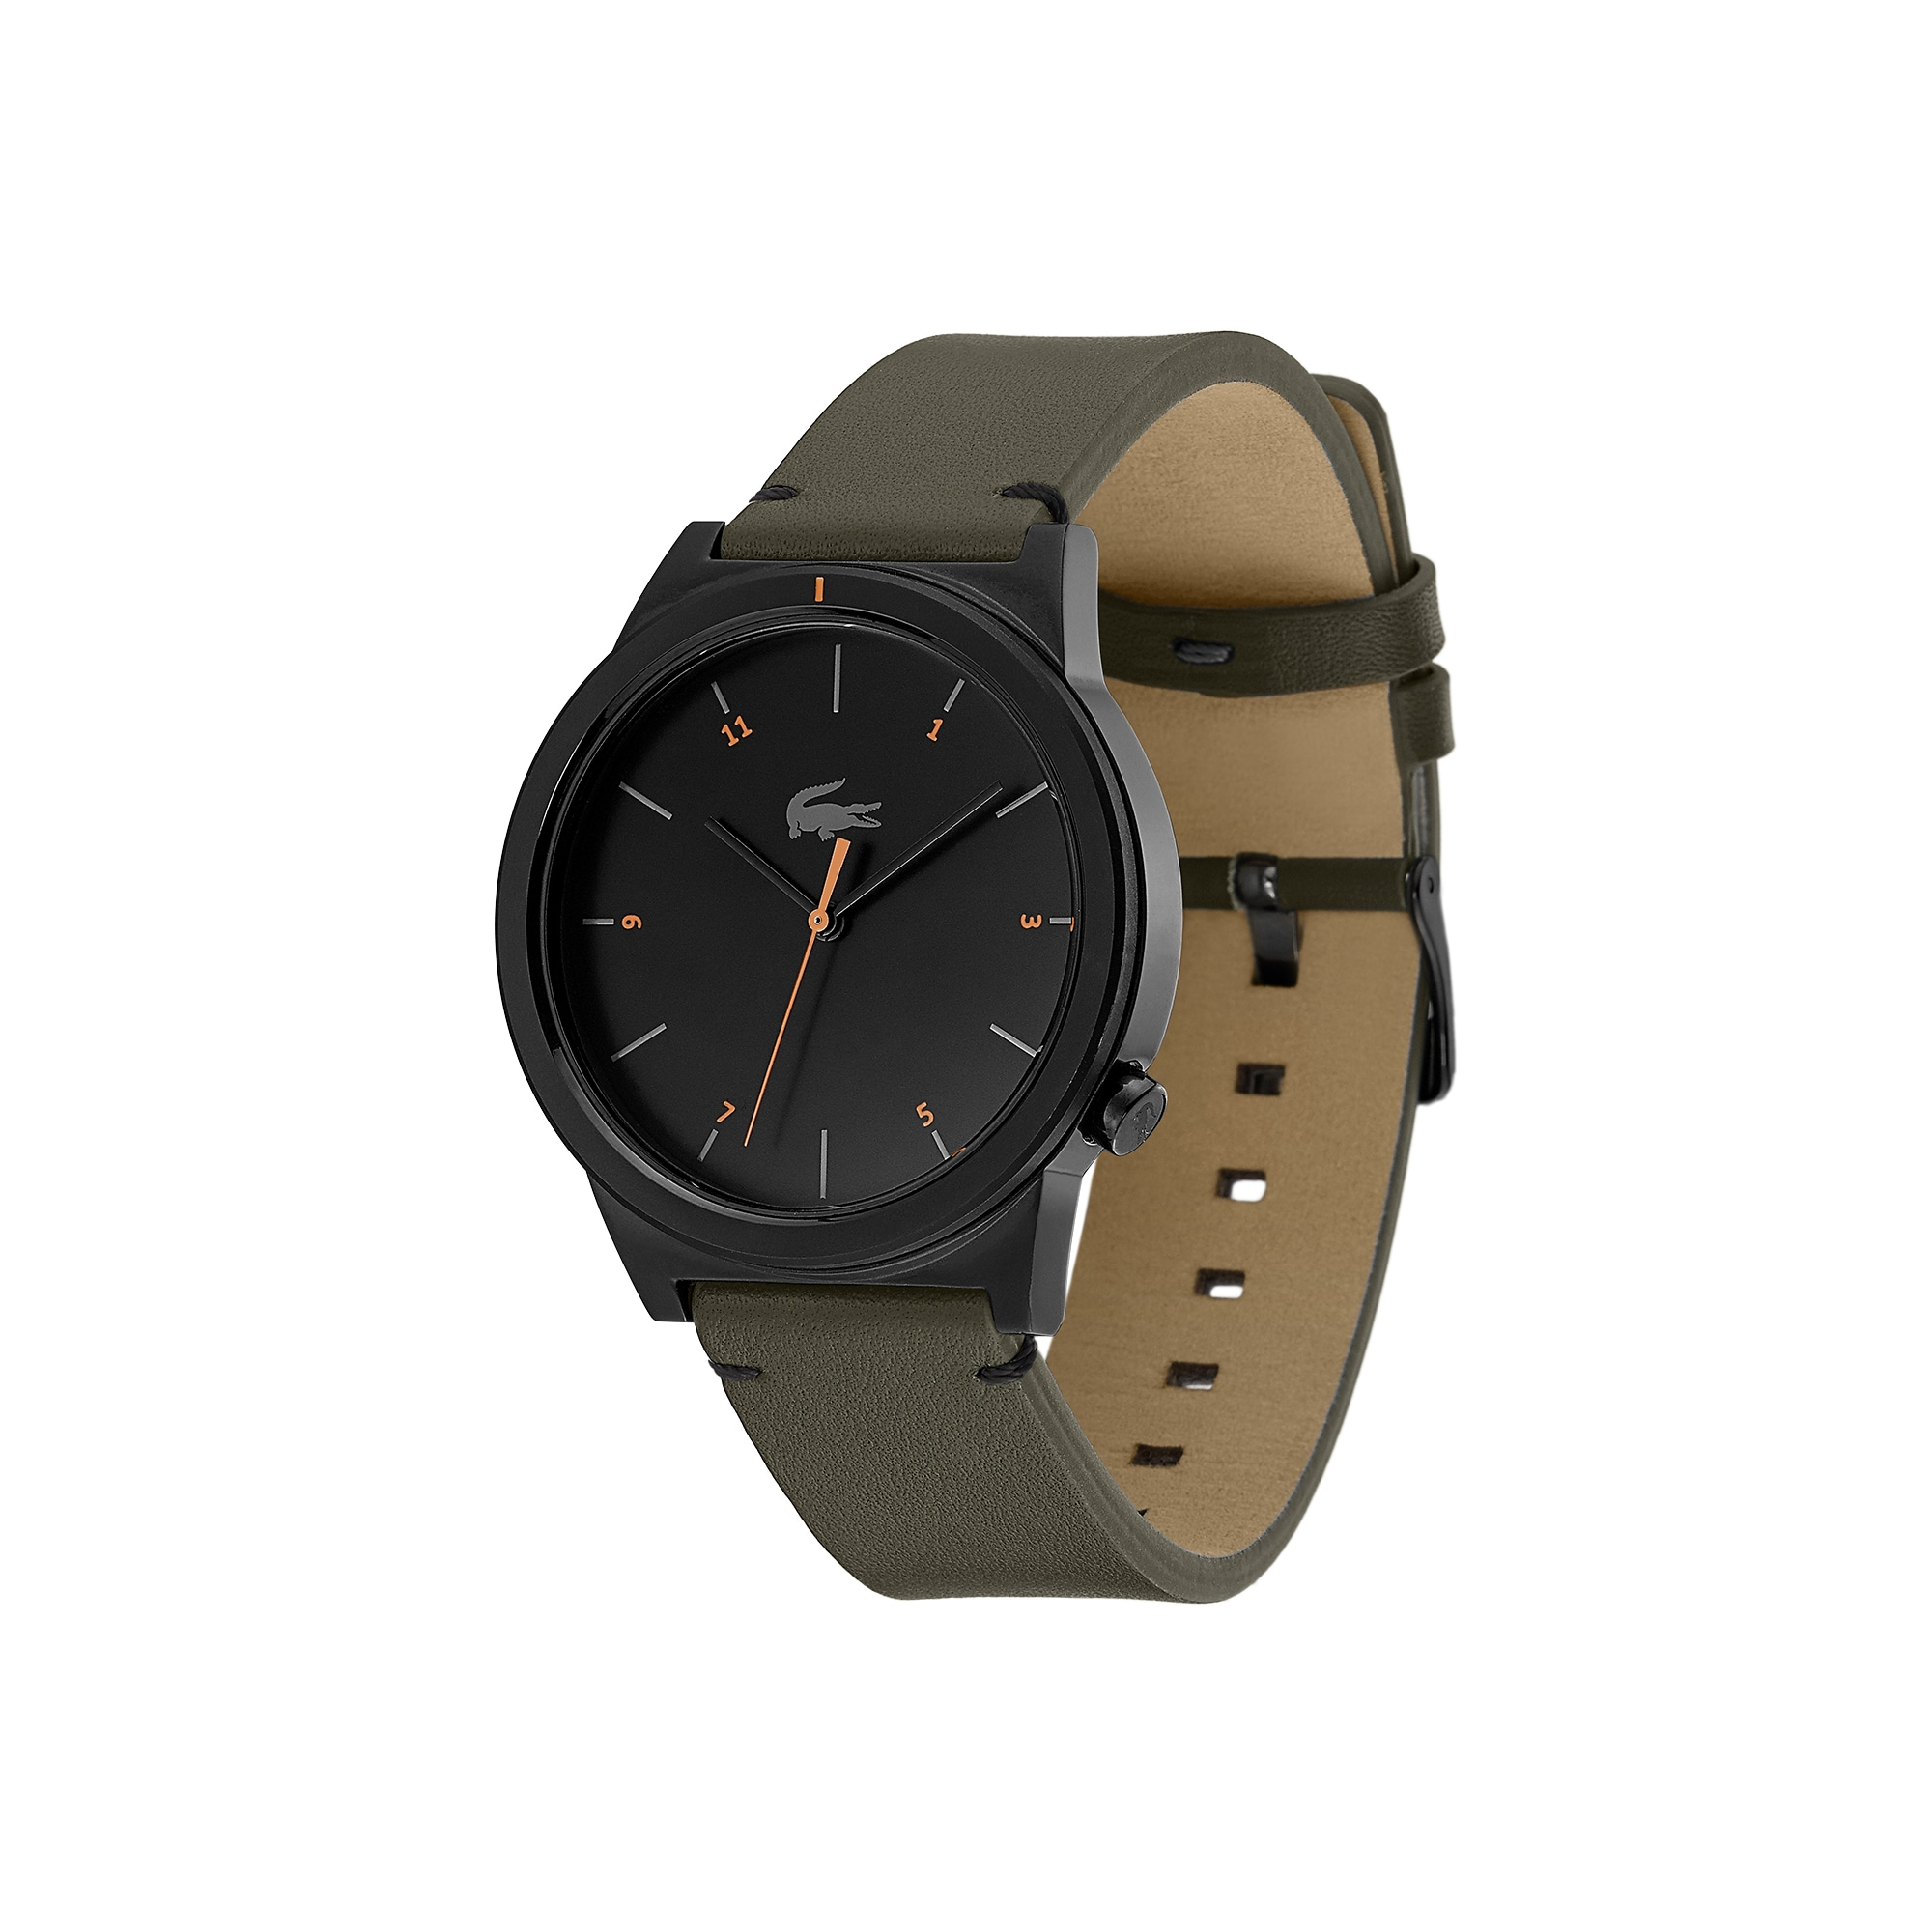 Relógio Motion de homem com bracelete de pele caqui